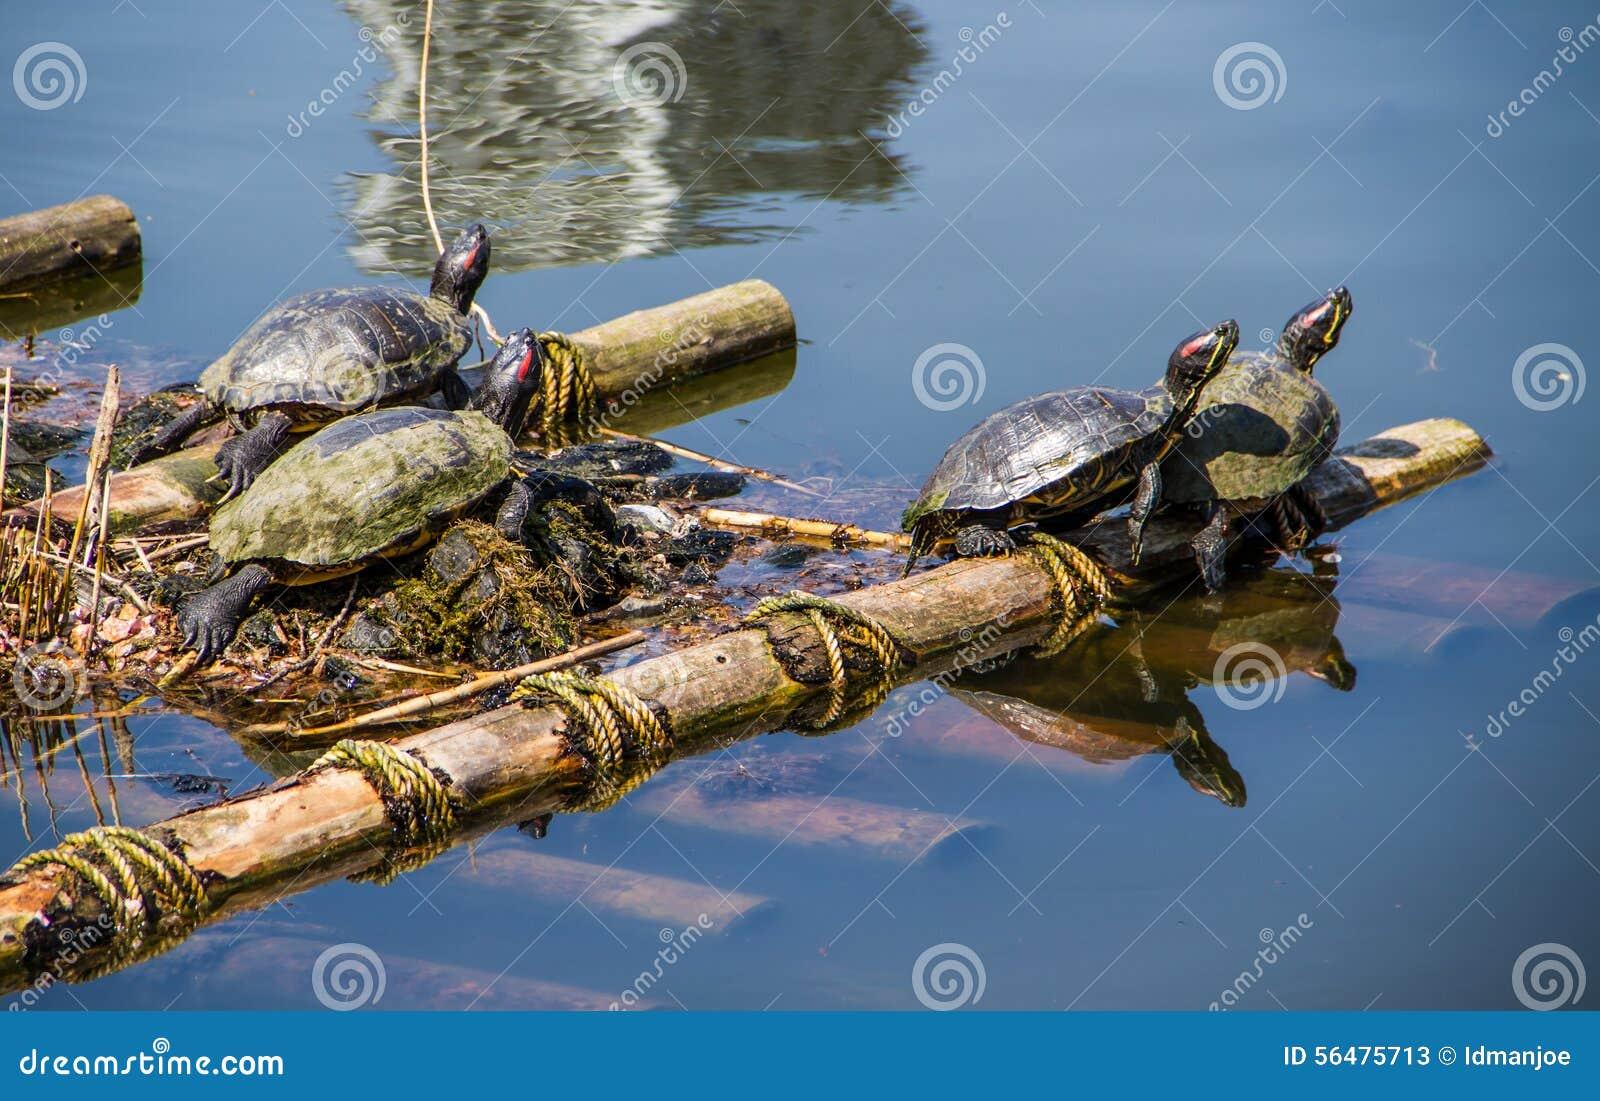 La vie de tortues